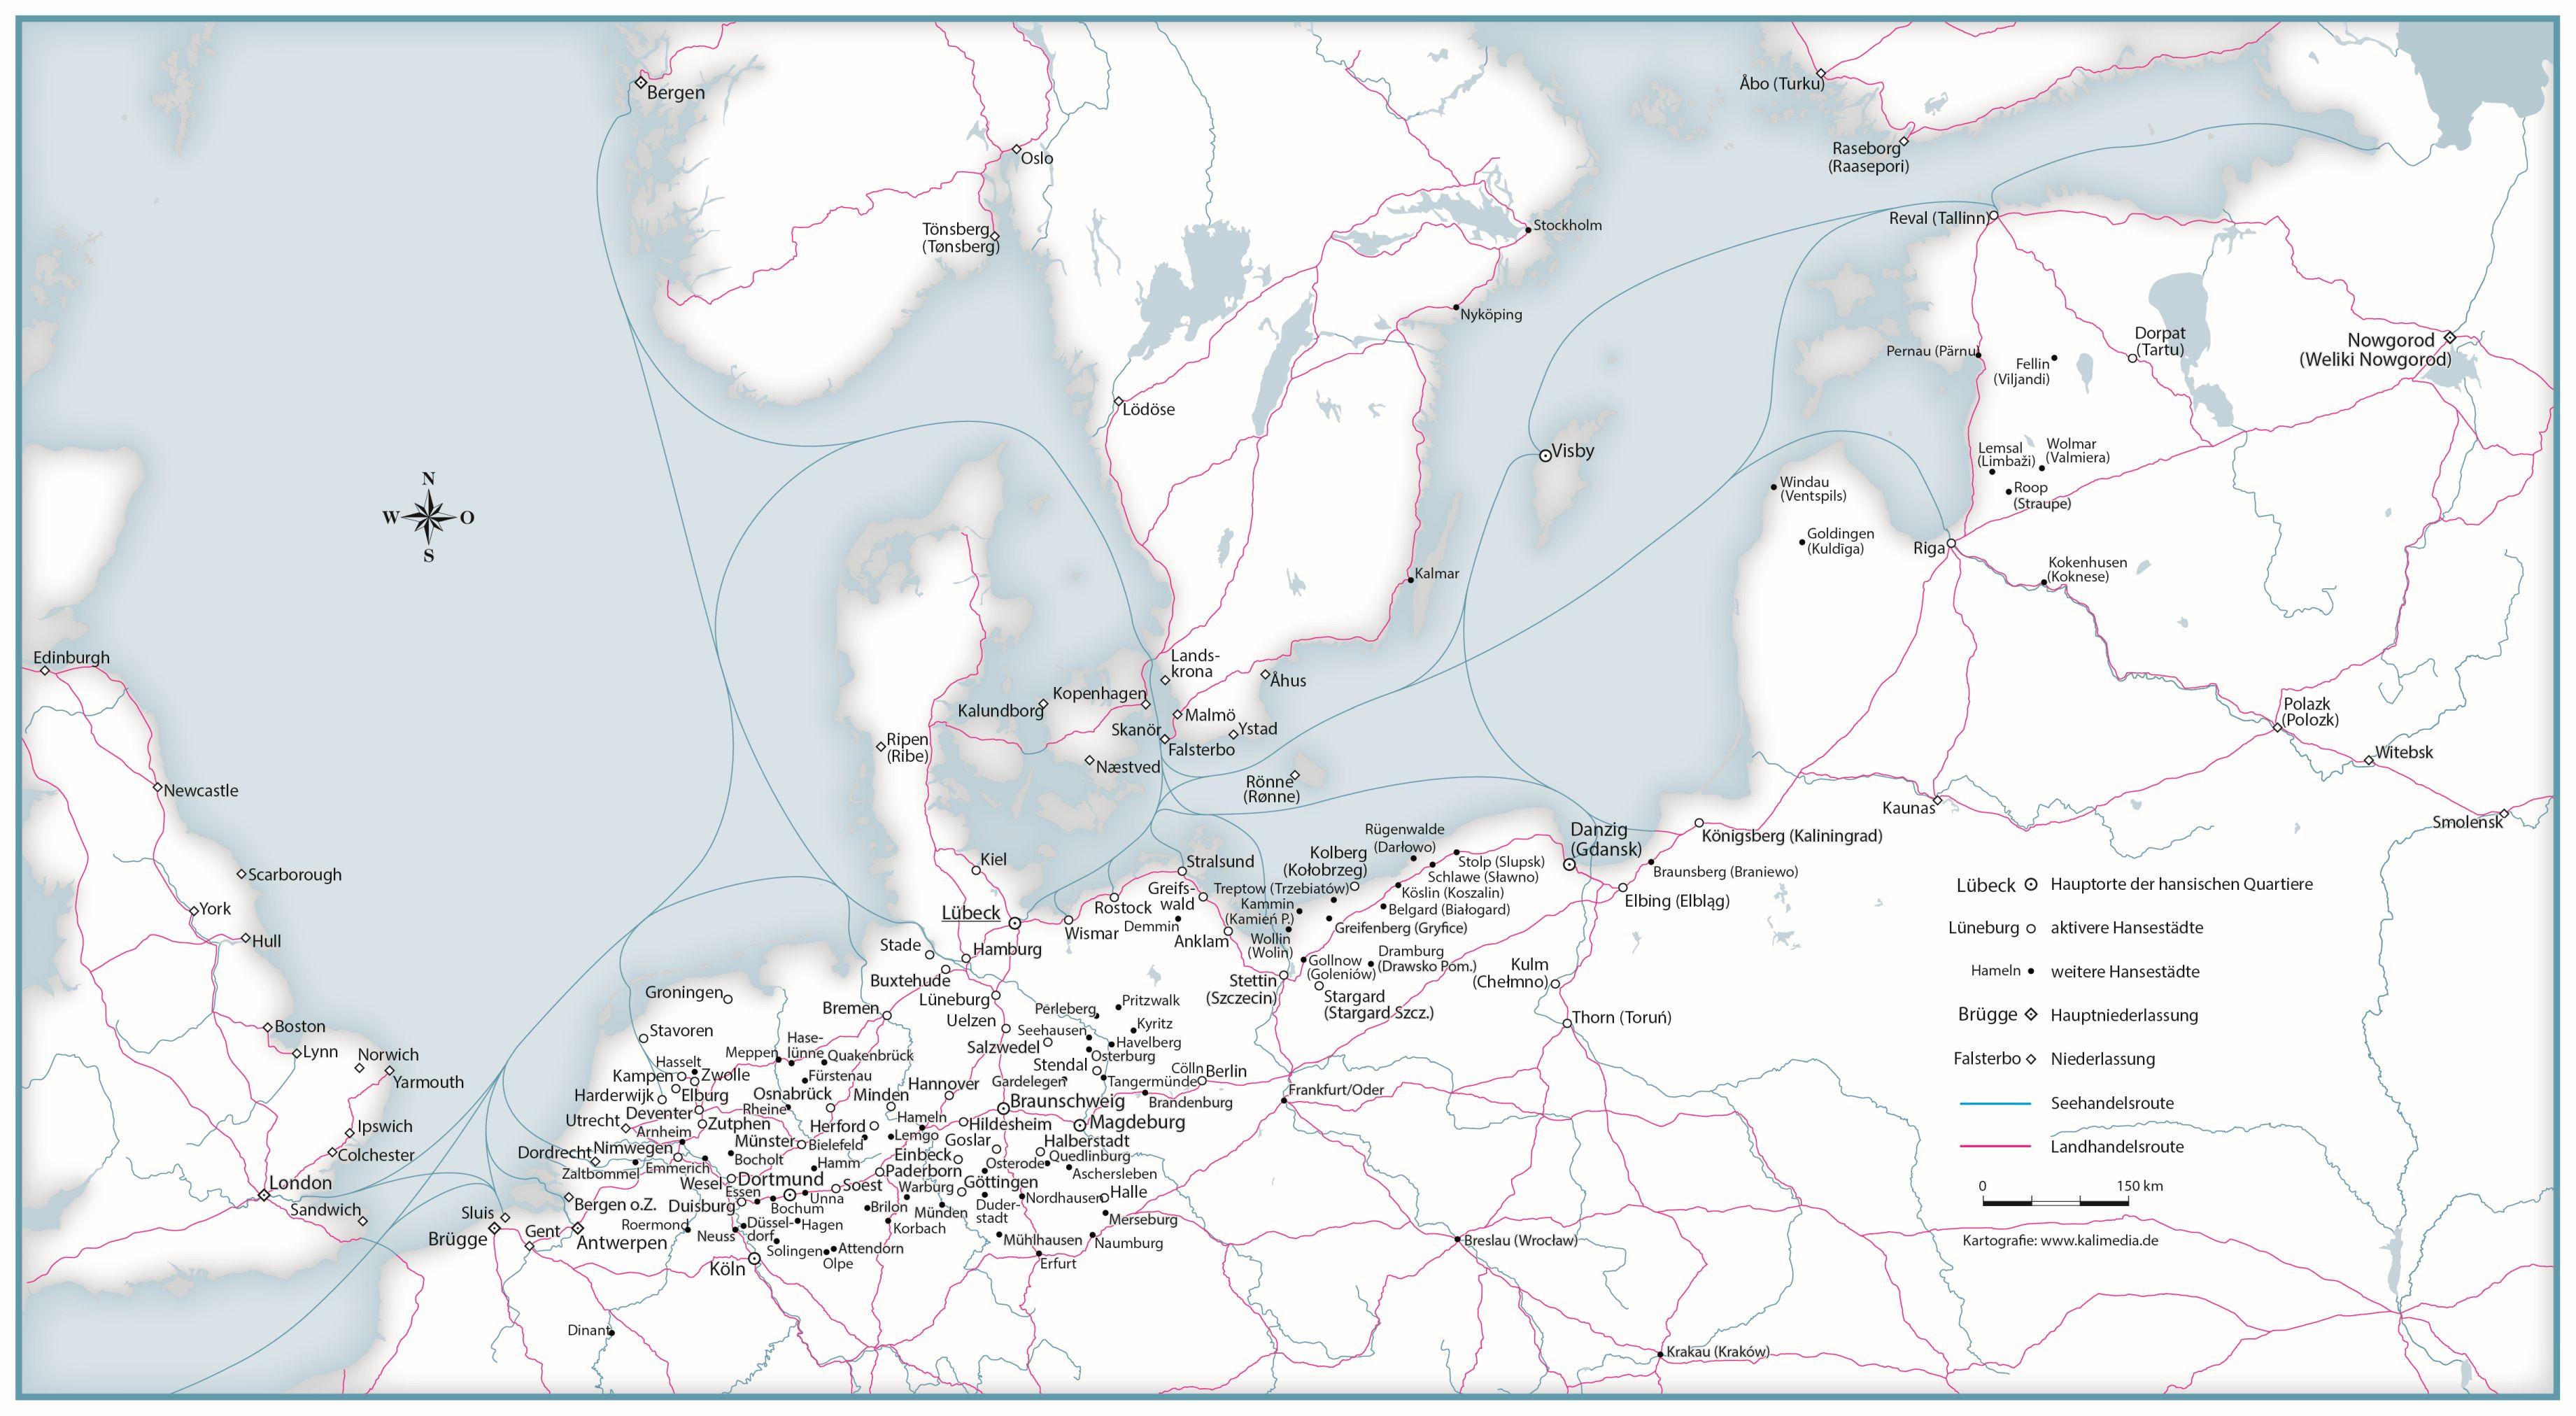 Blogparade Auf Kogge Und Co Uber Die Meere Europas Dhmmeer